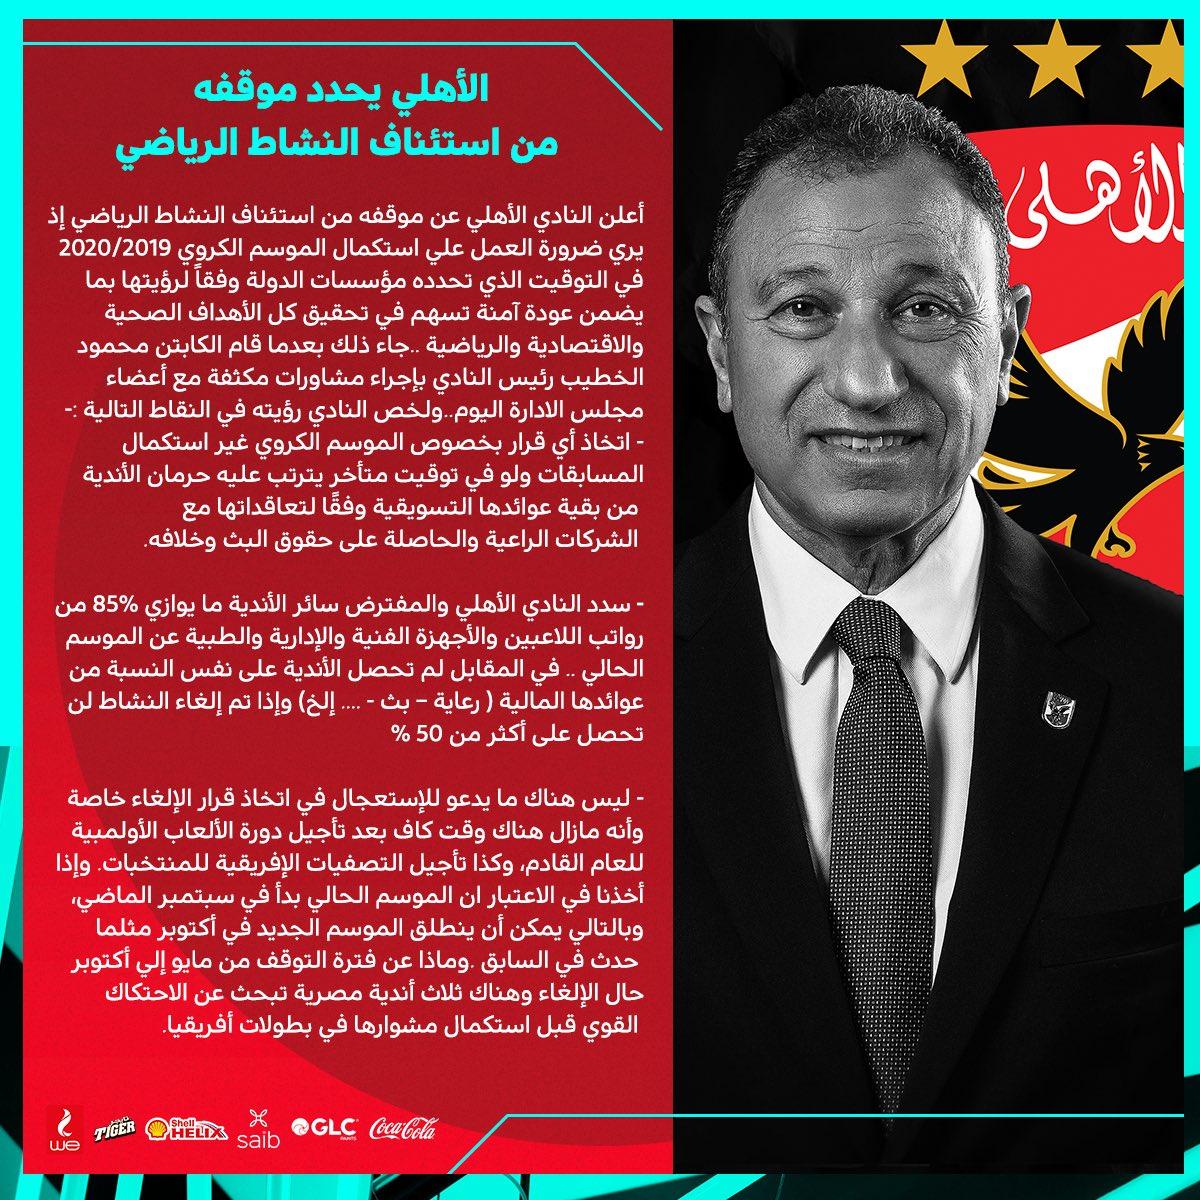 بيان الأهلي بشأن استئناف الدوري المصري وعودة النشاط الرياضي 1